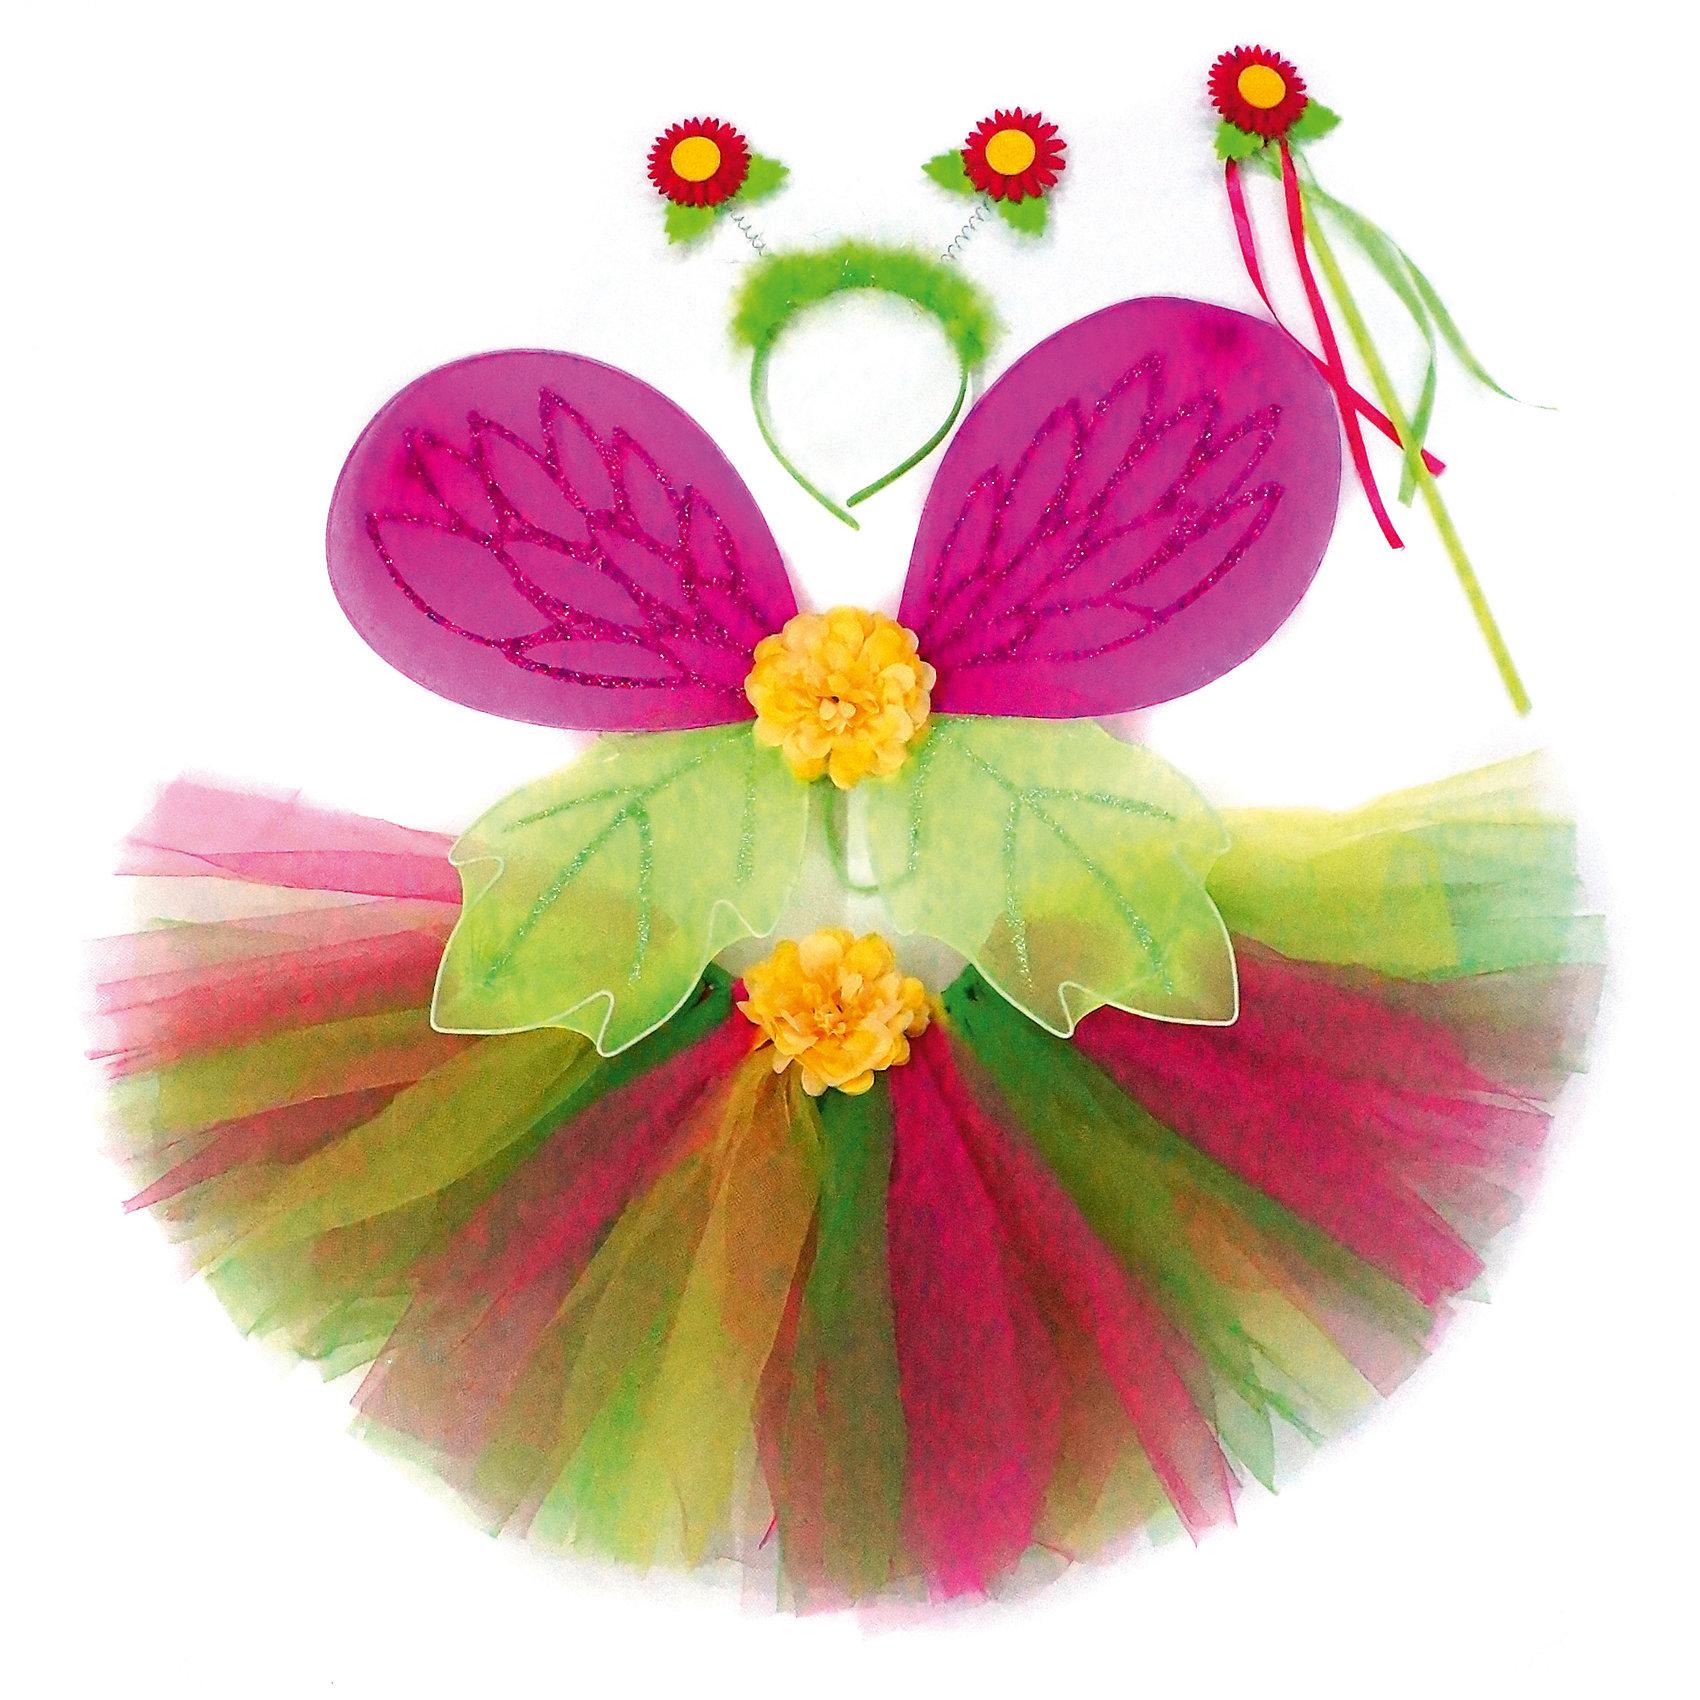 Костюм Страна эльфов, розовый, Новогодняя сказкаКарнавальные костюмы и аксессуары<br>Характеристики товара:<br><br>• цвет: розовый<br>• комплектация: крылья, юбка, ободок, палочка<br>• материал: текстиль, пластик<br>• для праздников и постановок<br>• упаковка: пакет<br>• размер крыльев: 47х35 см<br>• длина юбки: 25 см<br>• возраст: от 3 лет<br>• страна бренда: Российская Федерация<br>• страна изготовитель: Российская Федерация<br><br>Новогодние праздники - отличная возможность перевоплотиться в кого угодно, надев маскарадный костюм. Этот набор позволит ребенку мгновенно превратиться в эльфа!<br>Он состоит из нескольких предметов, которые подойдут дошкольникам. Изделия удобно сидят и позволяют ребенку наслаждаться праздником или принимать участие в постановке. Модель хорошо проработана, сшита из качественных и проверенных материалов, которые безопасны для детей.<br><br>Костюм Страна эльфов, розовый, от бренда Новогодняя сказка можно купить в нашем интернет-магазине.<br><br>Ширина мм: 480<br>Глубина мм: 600<br>Высота мм: 20<br>Вес г: 208<br>Возраст от месяцев: 36<br>Возраст до месяцев: 96<br>Пол: Женский<br>Возраст: Детский<br>SKU: 5177237